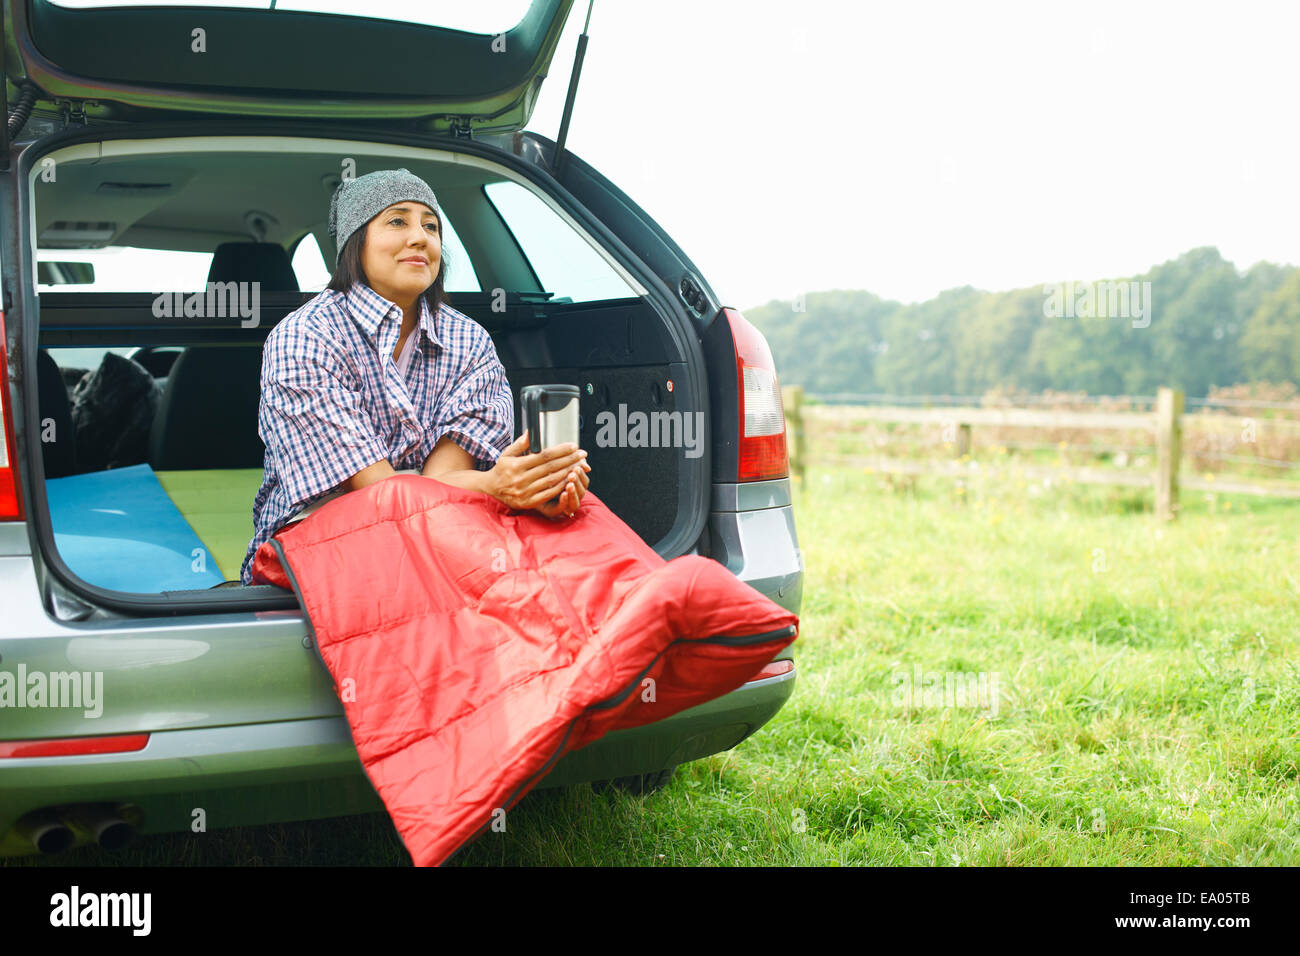 Femme assise à l'arrière du véhicule avec jambes rentrées dans le sac de couchage Photo Stock